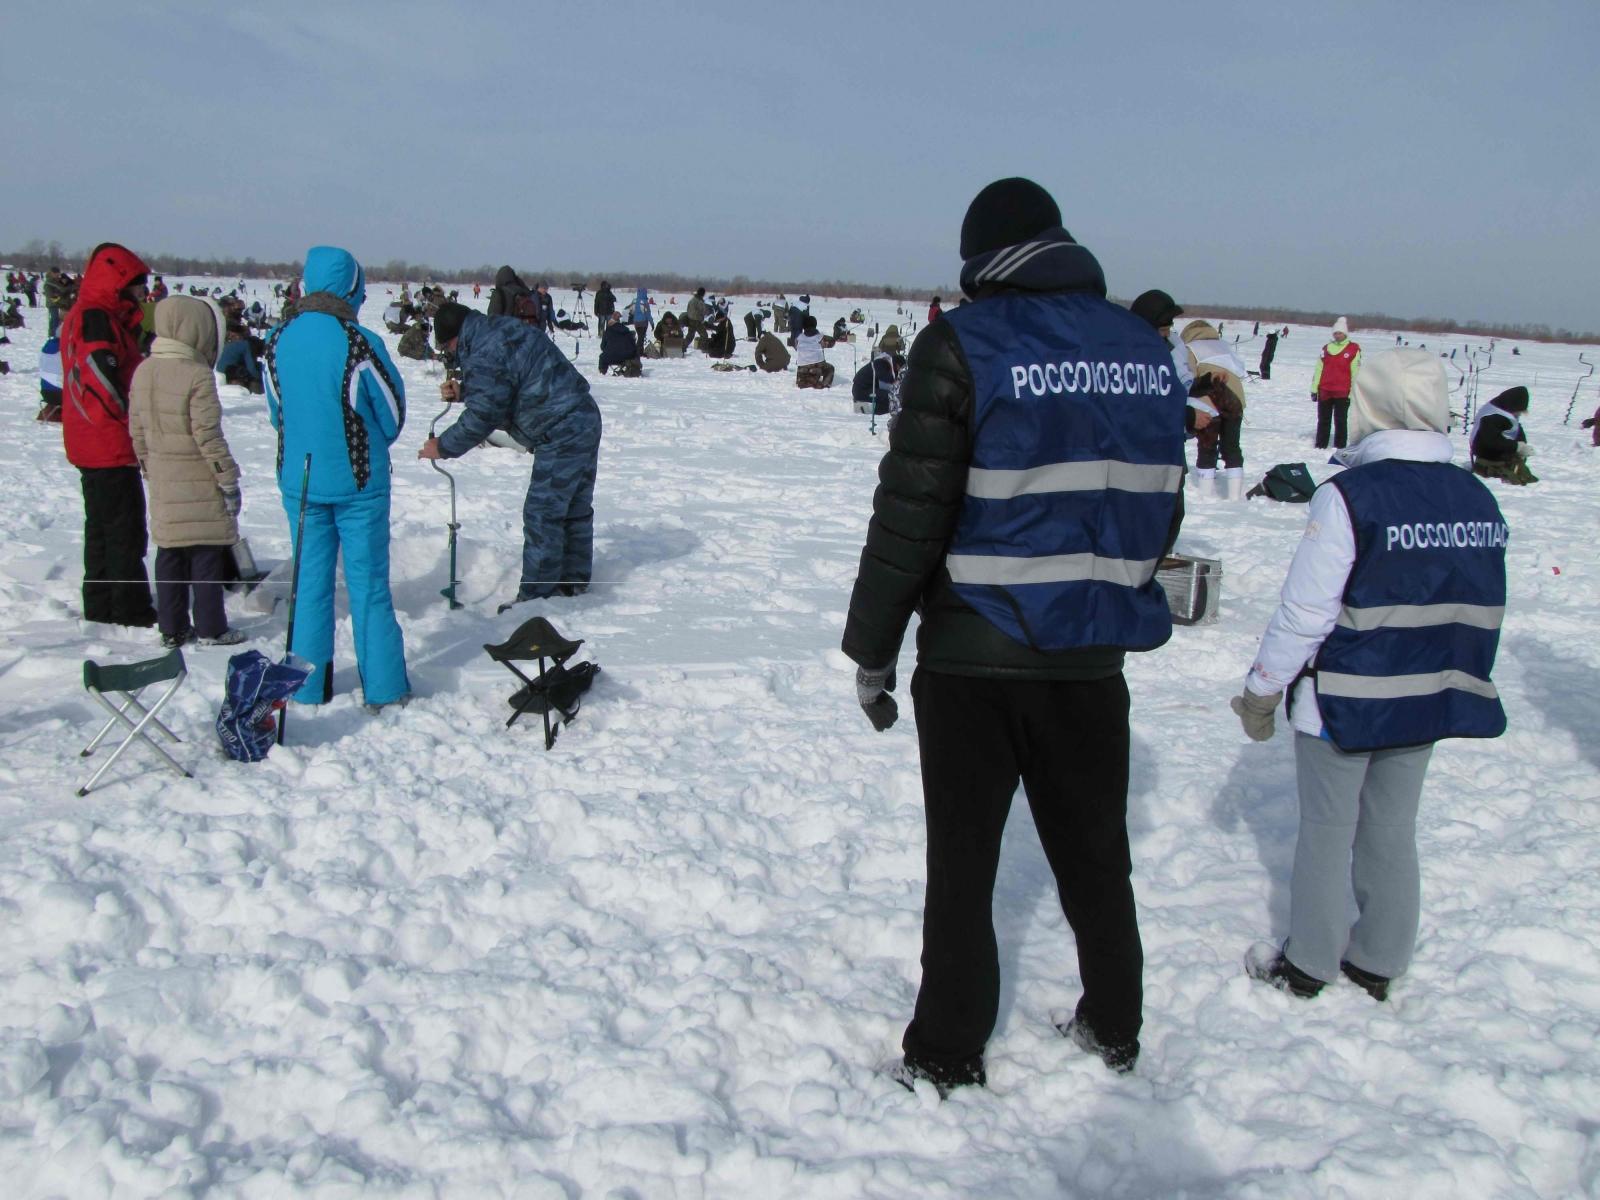 Обеспечение безопасности при проведении фестиваля «Народная рыбалка – 2015» на озере Родниковом в Шегарском районе, 21 марта 2015 года